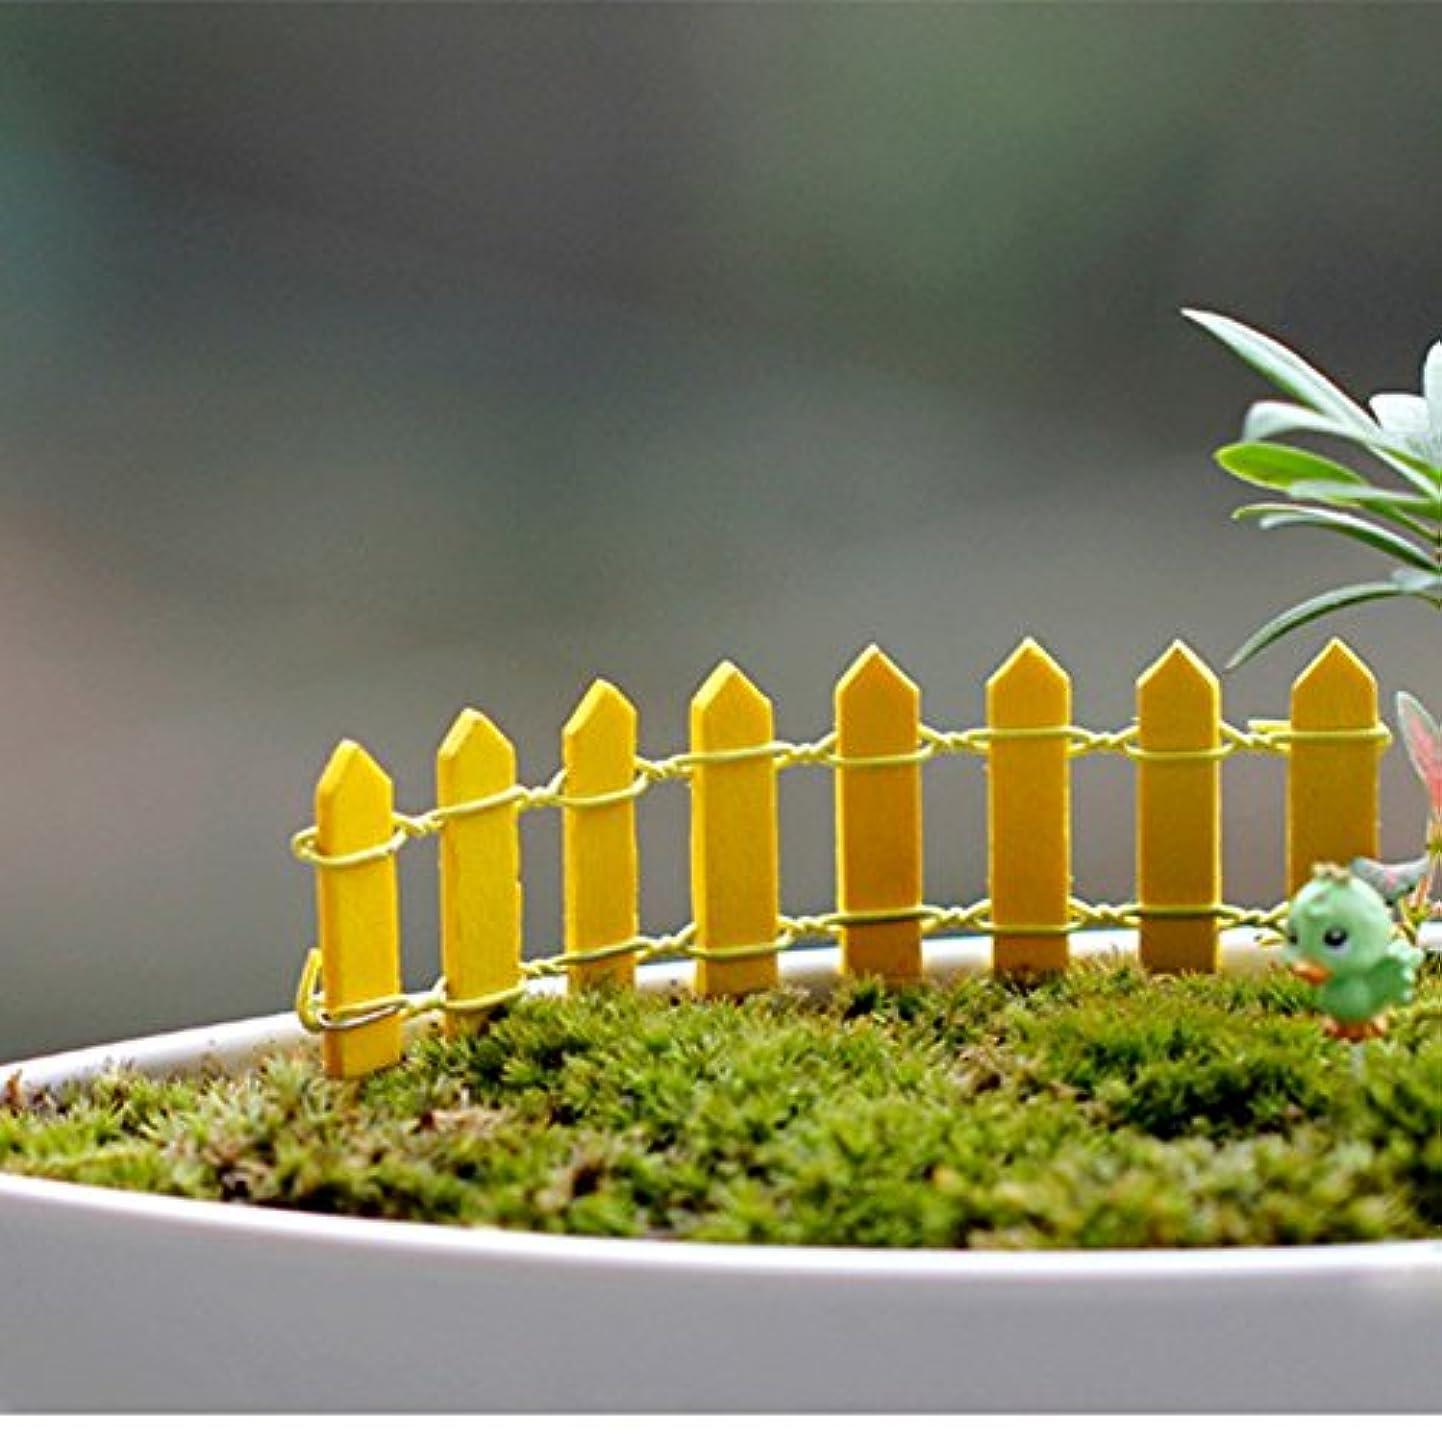 ペフ創傷推進Jicorzo - 20個DIY木製の小さなフェンスモステラリウム植木鉢工芸ミニおもちゃフェアリーガーデンミニチュア[イエロー]